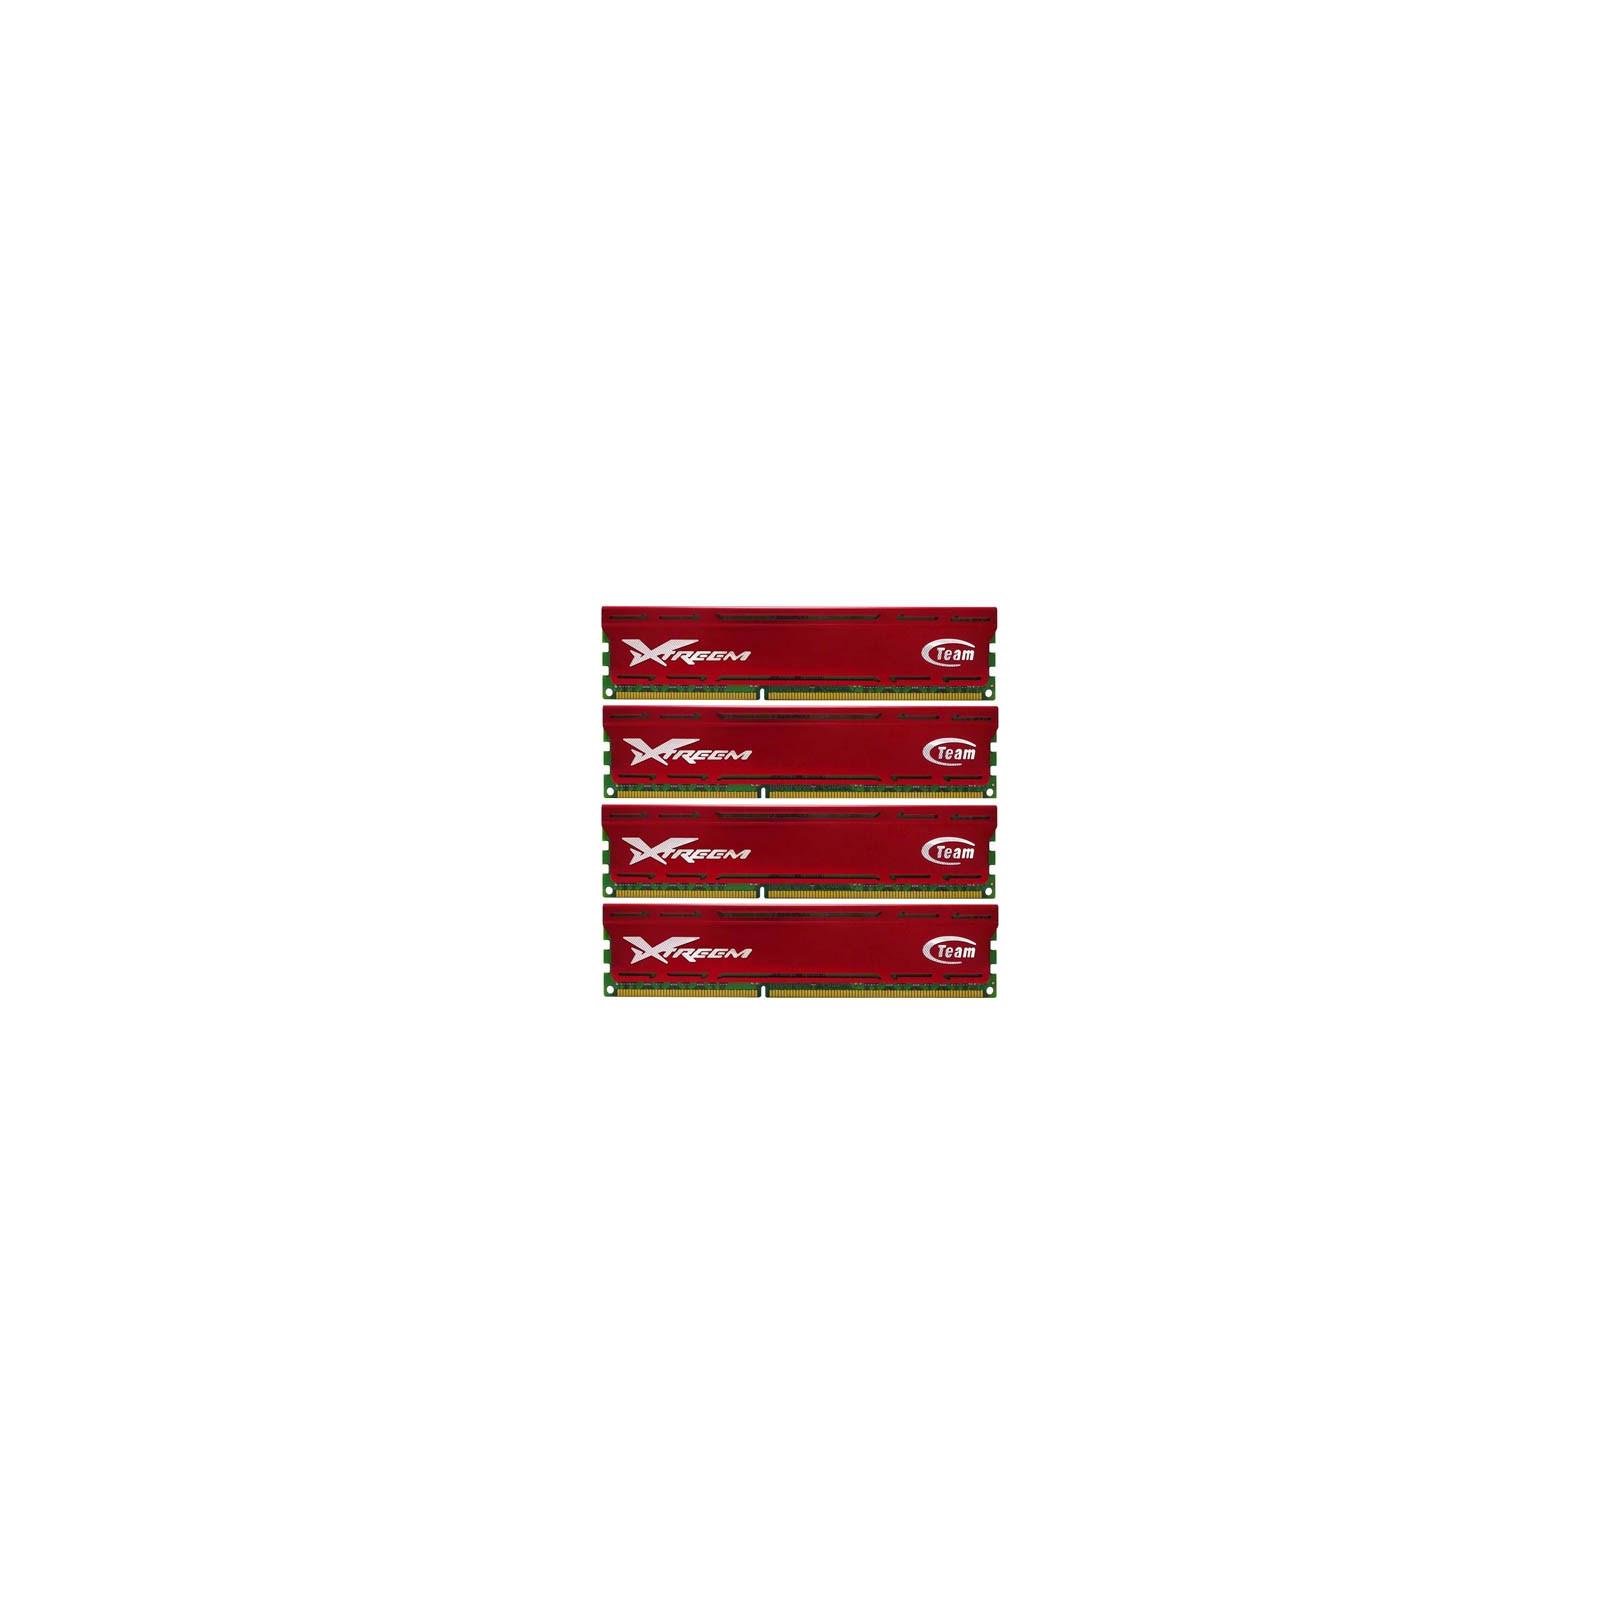 Модуль памяти для компьютера DDR3 32GB (4x8GB) 1600 MHz Team (TLD332G1600HC10AQC01)